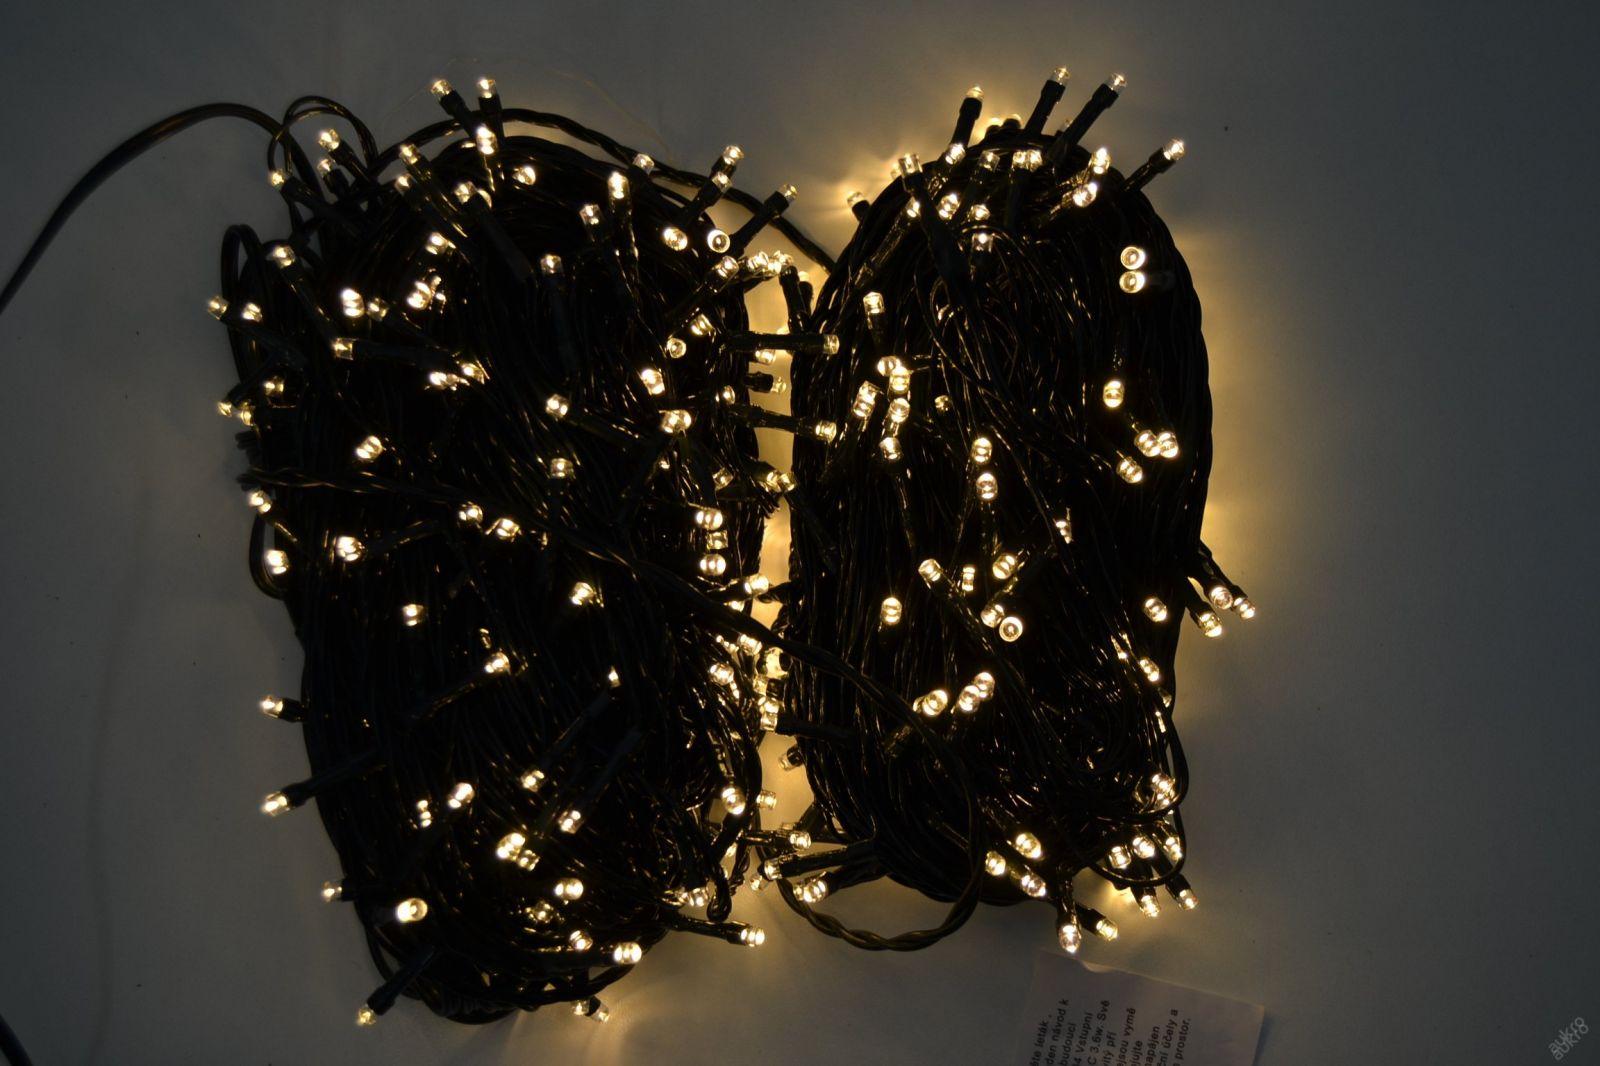 VENKOVNÍ VÁNOČNÍ OSVĚTLENÍ 500 LED - TEPLE BÍLÉ